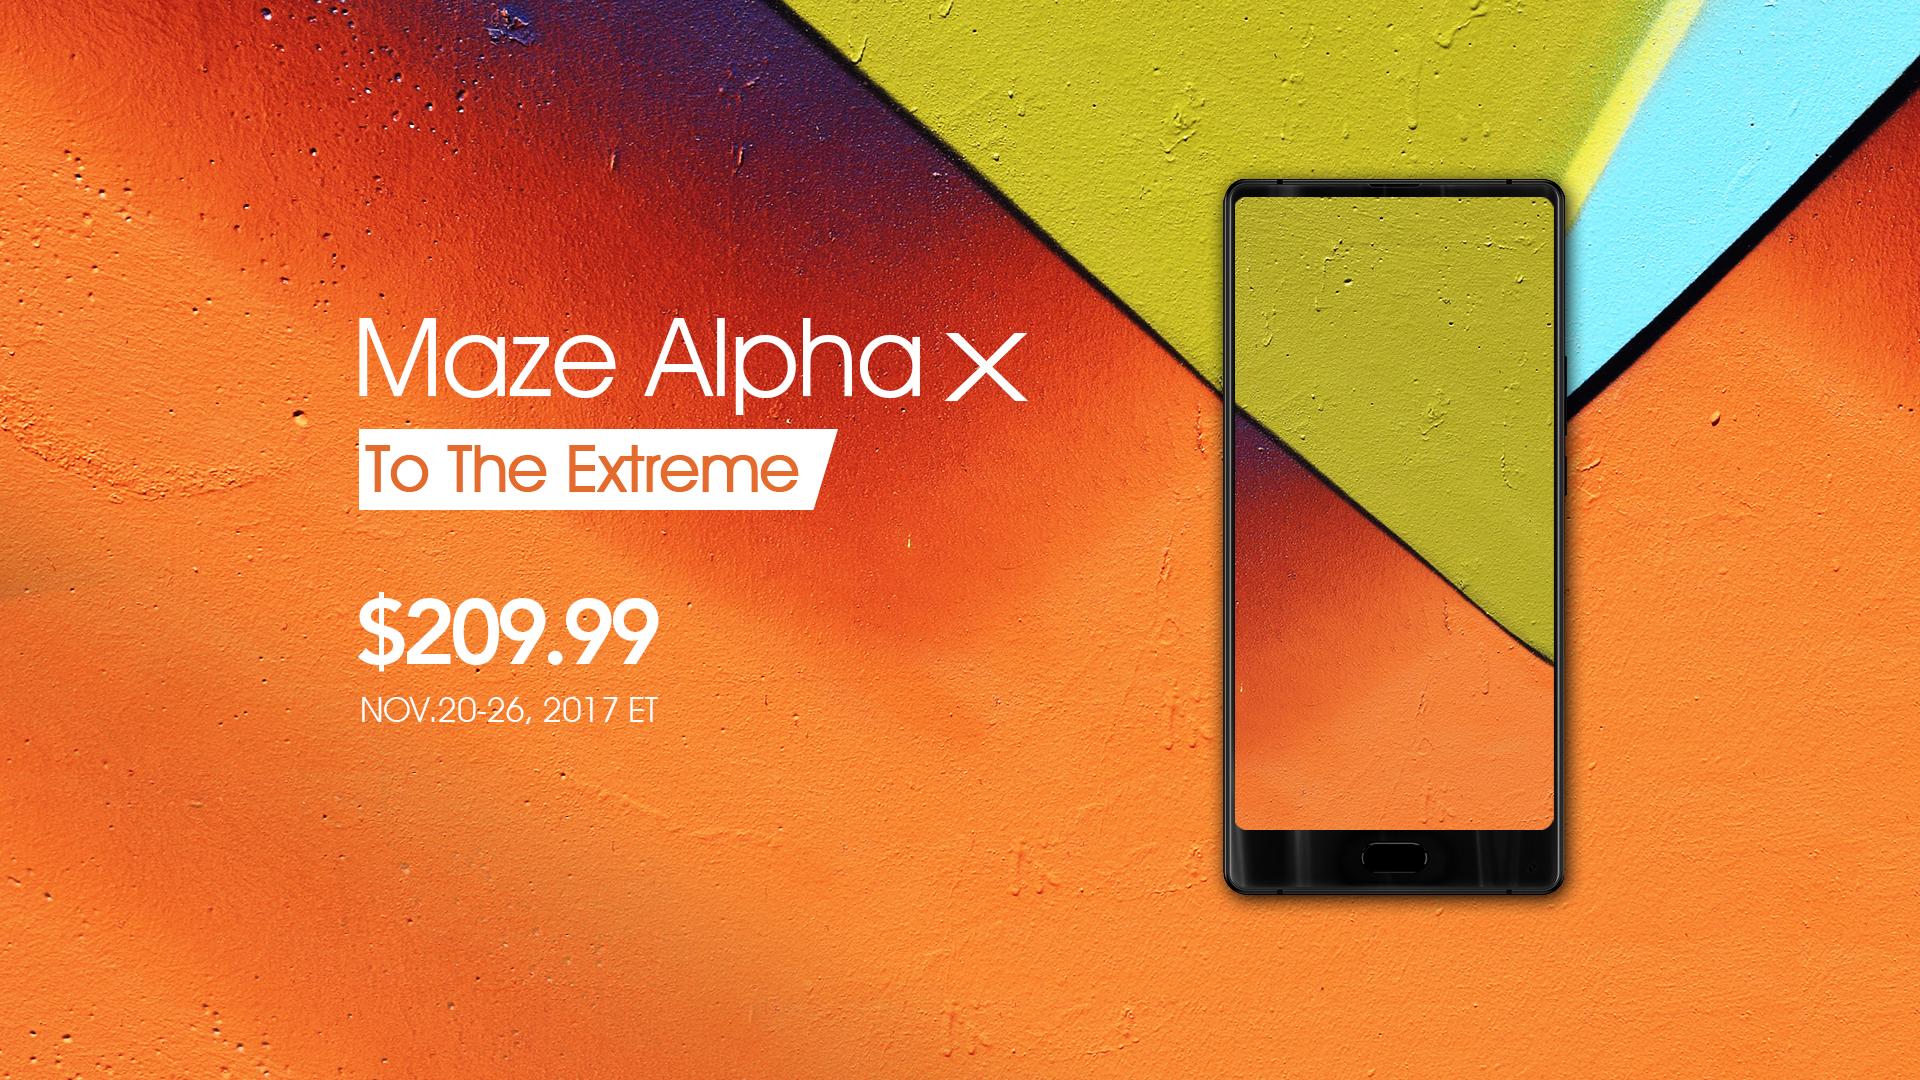 maze alpha x kaufen spezifikationen details